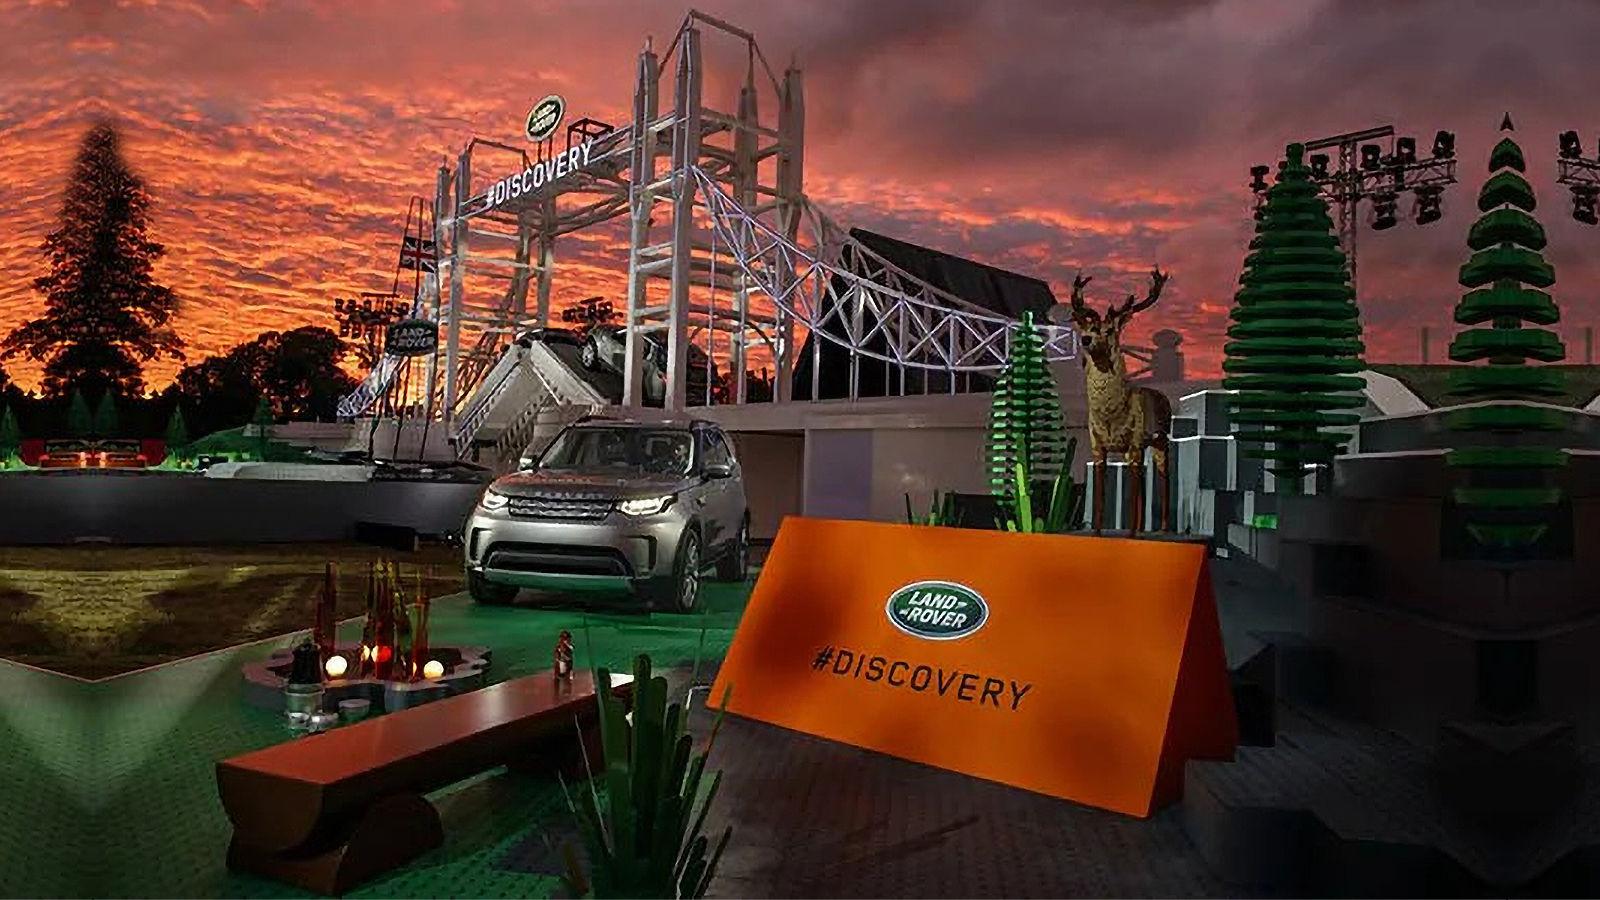 Discovery, 2016 yılında Packington Hall'de piyasaya sunuldu